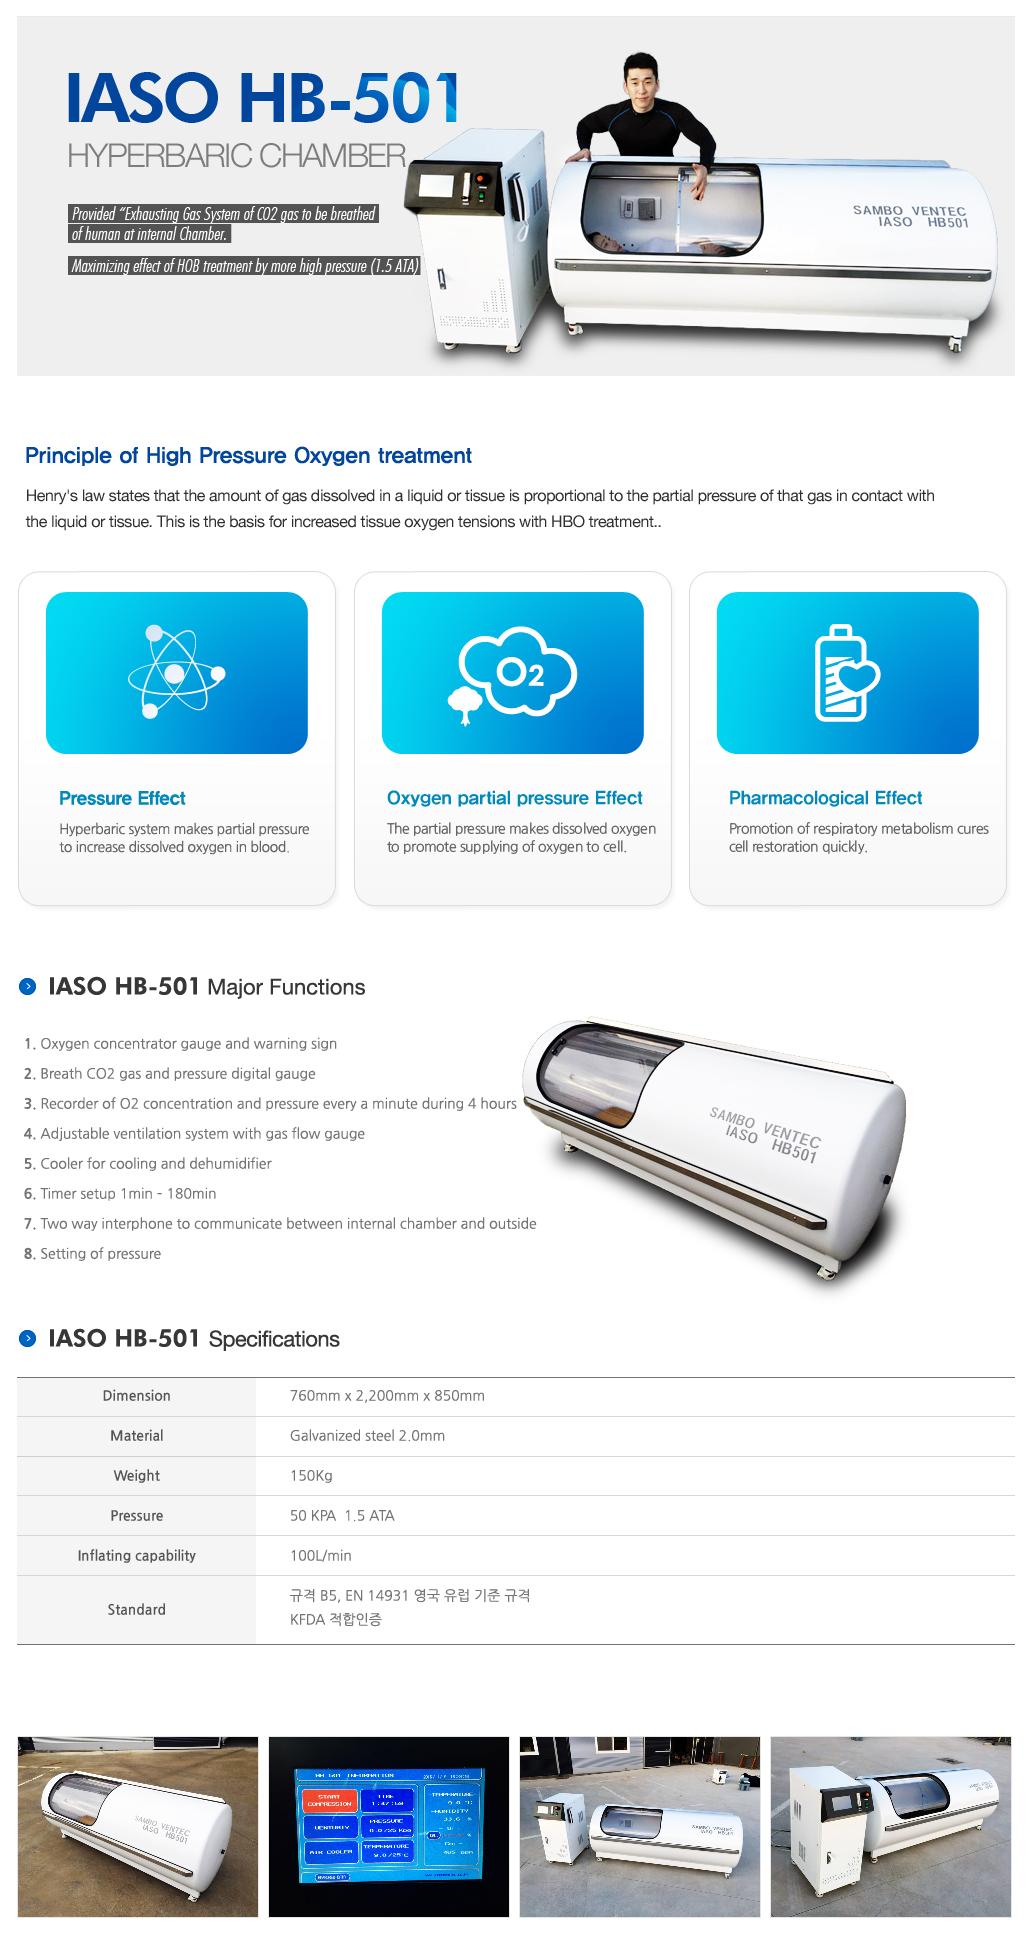 Samboventec IASO HB-501